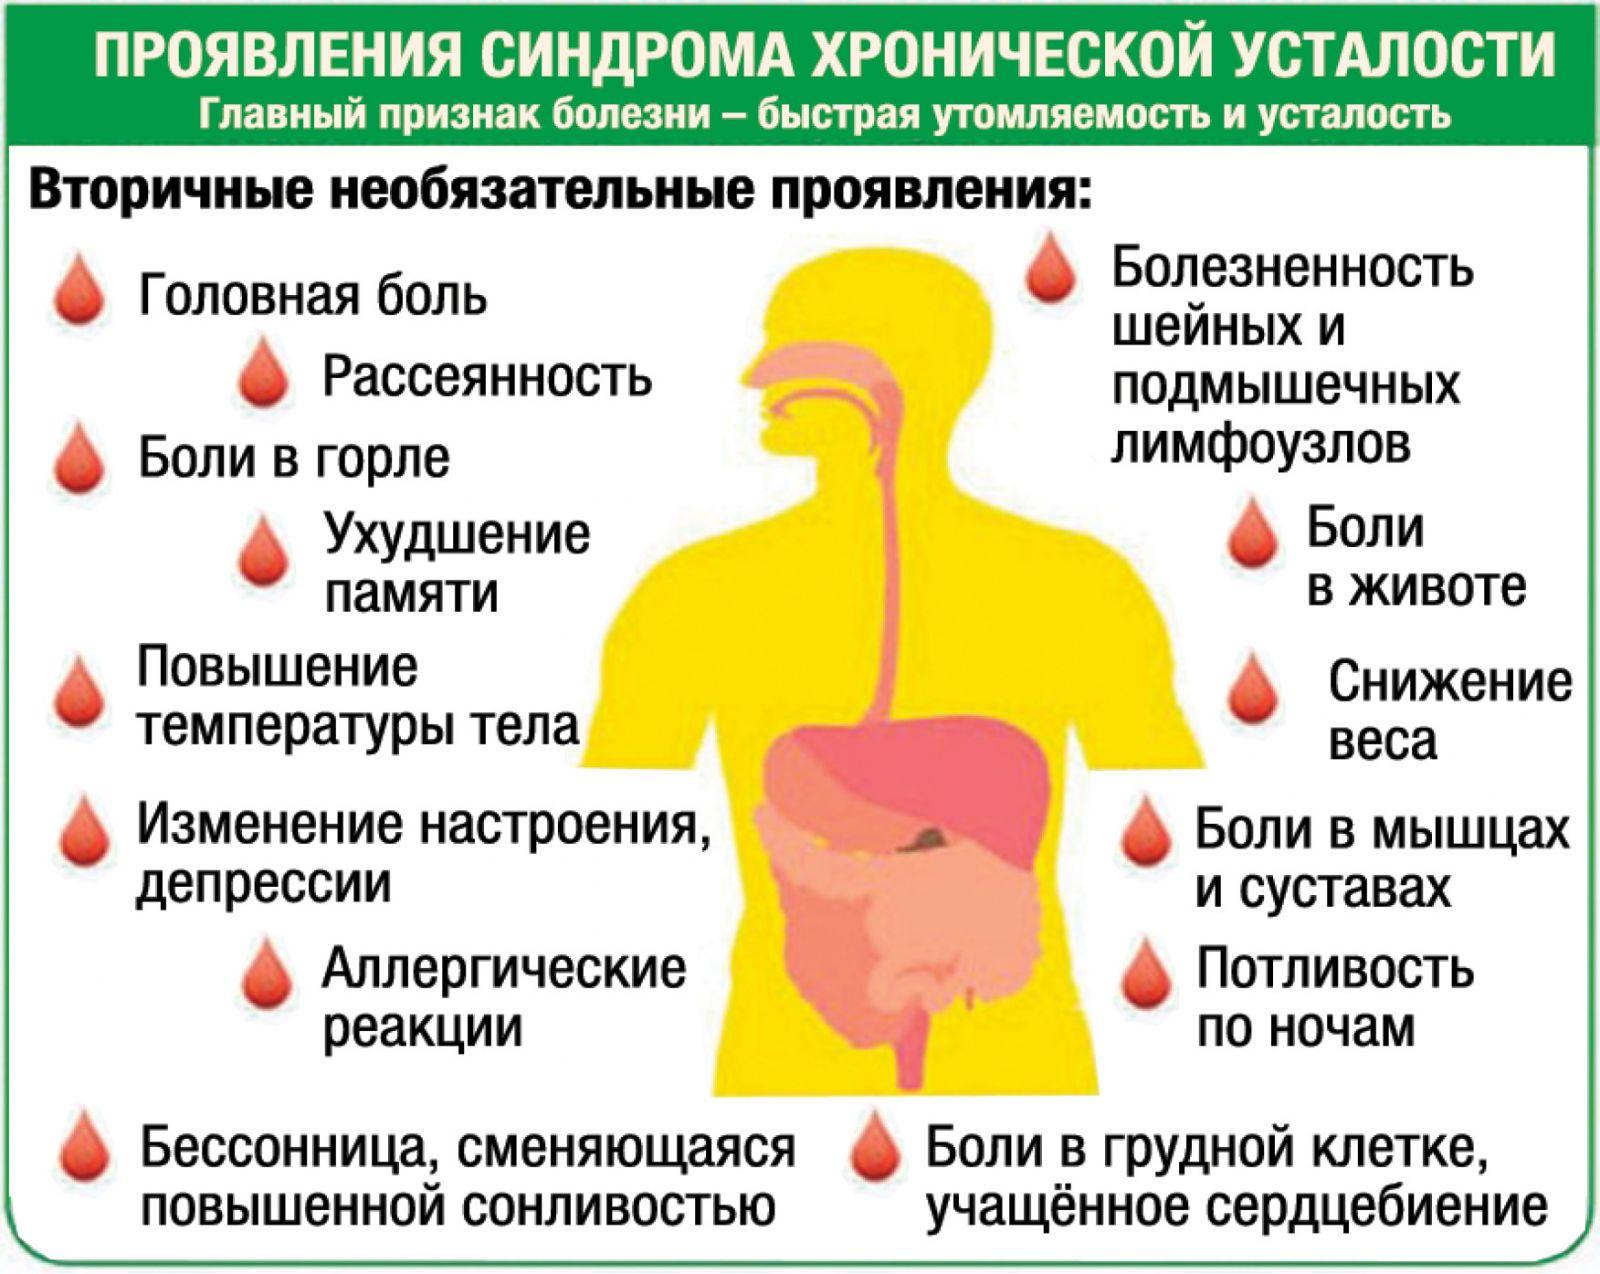 Синдром хронической усталости: признаки, симптомы и лечение